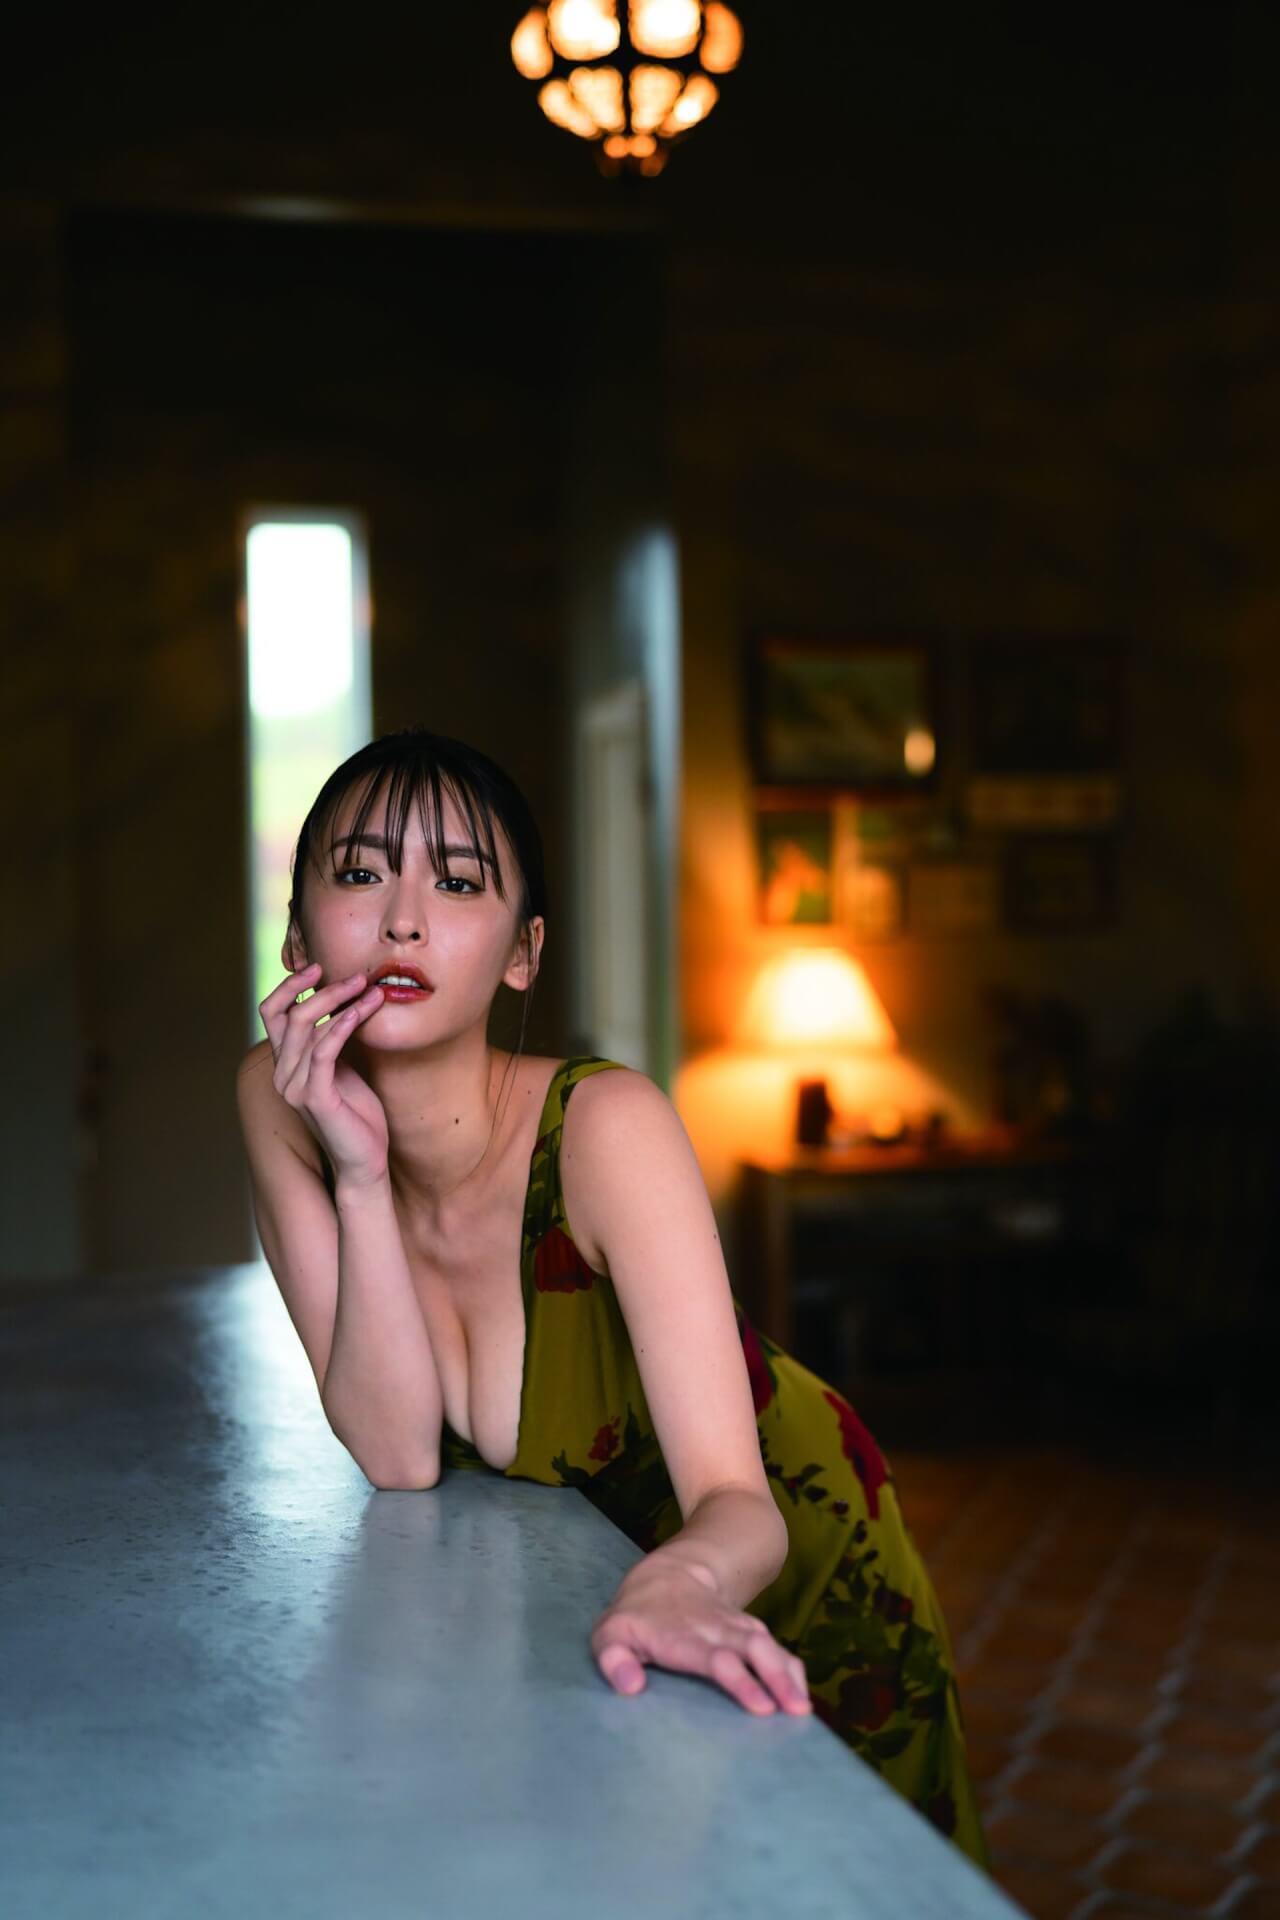 写真集『たまゆら』でセクシーすぎる横乳を披露した奈月セナがサイン本お渡し会を開催!コメントも到着 art210705_natsukisena_4